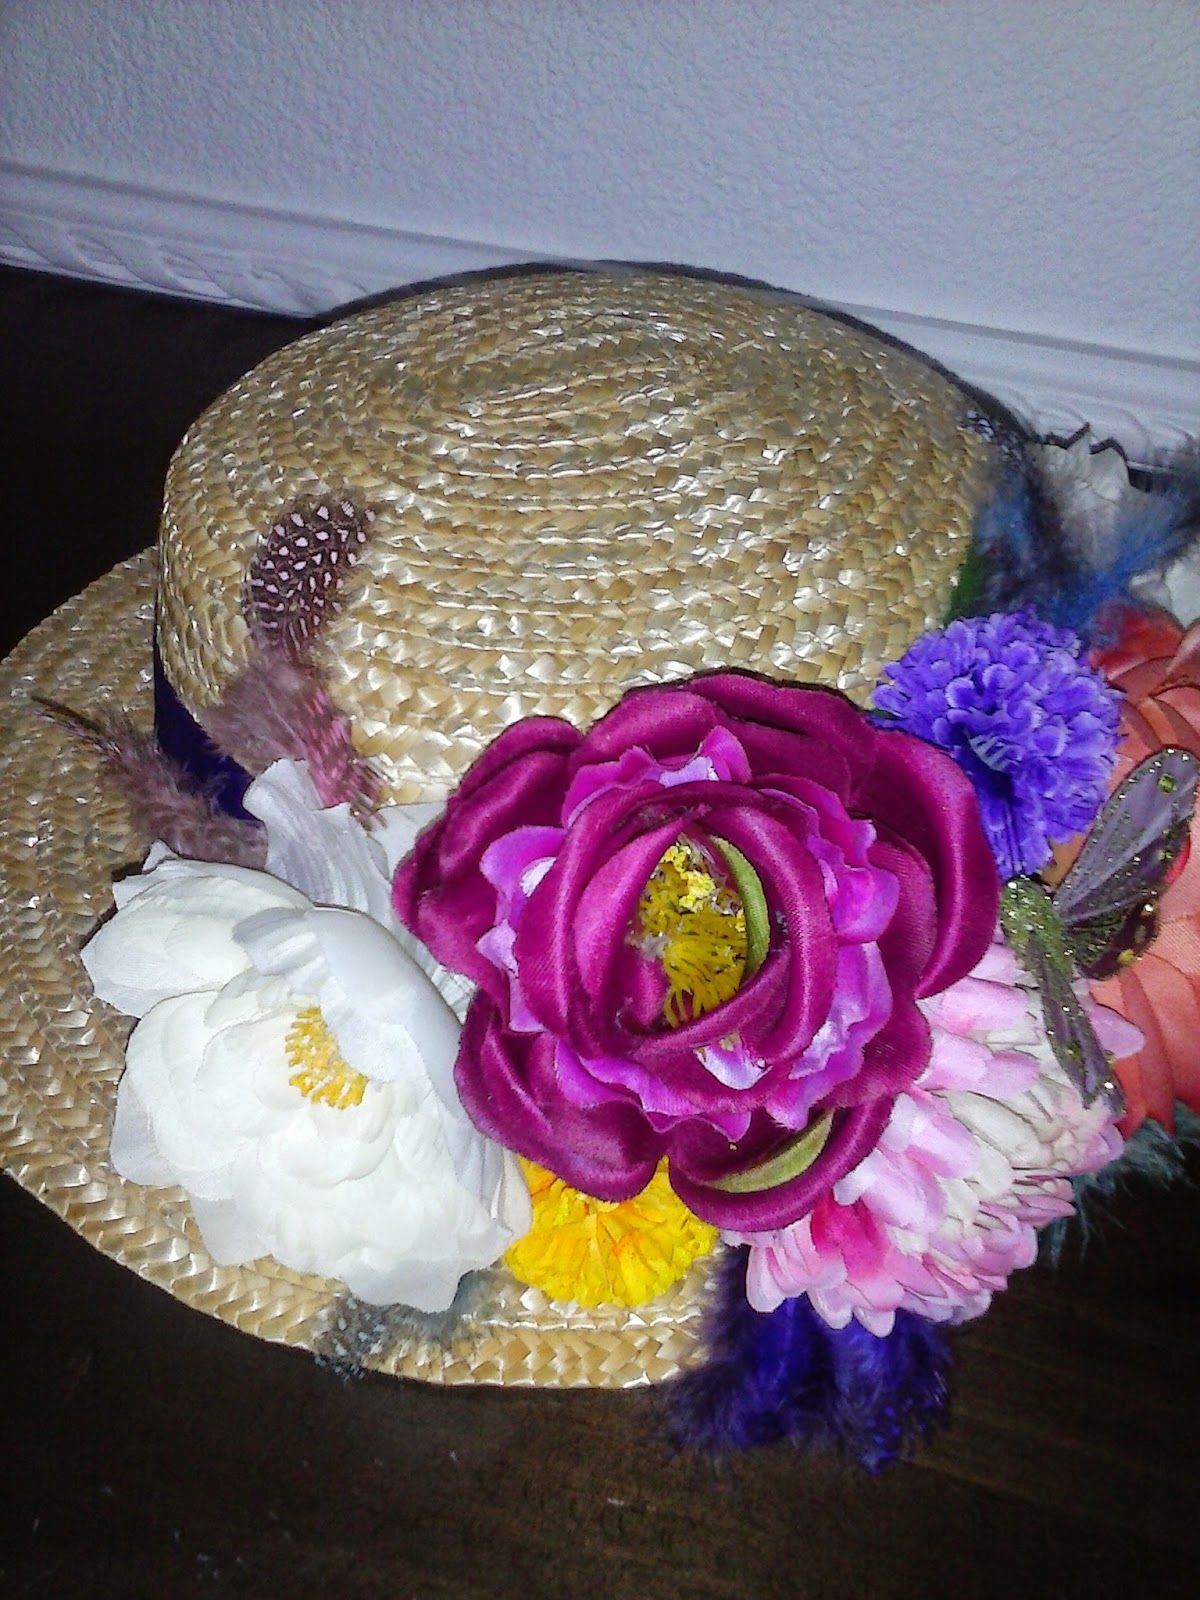 16a14b3f22140 sombreros decorados con flores - Buscar con Google